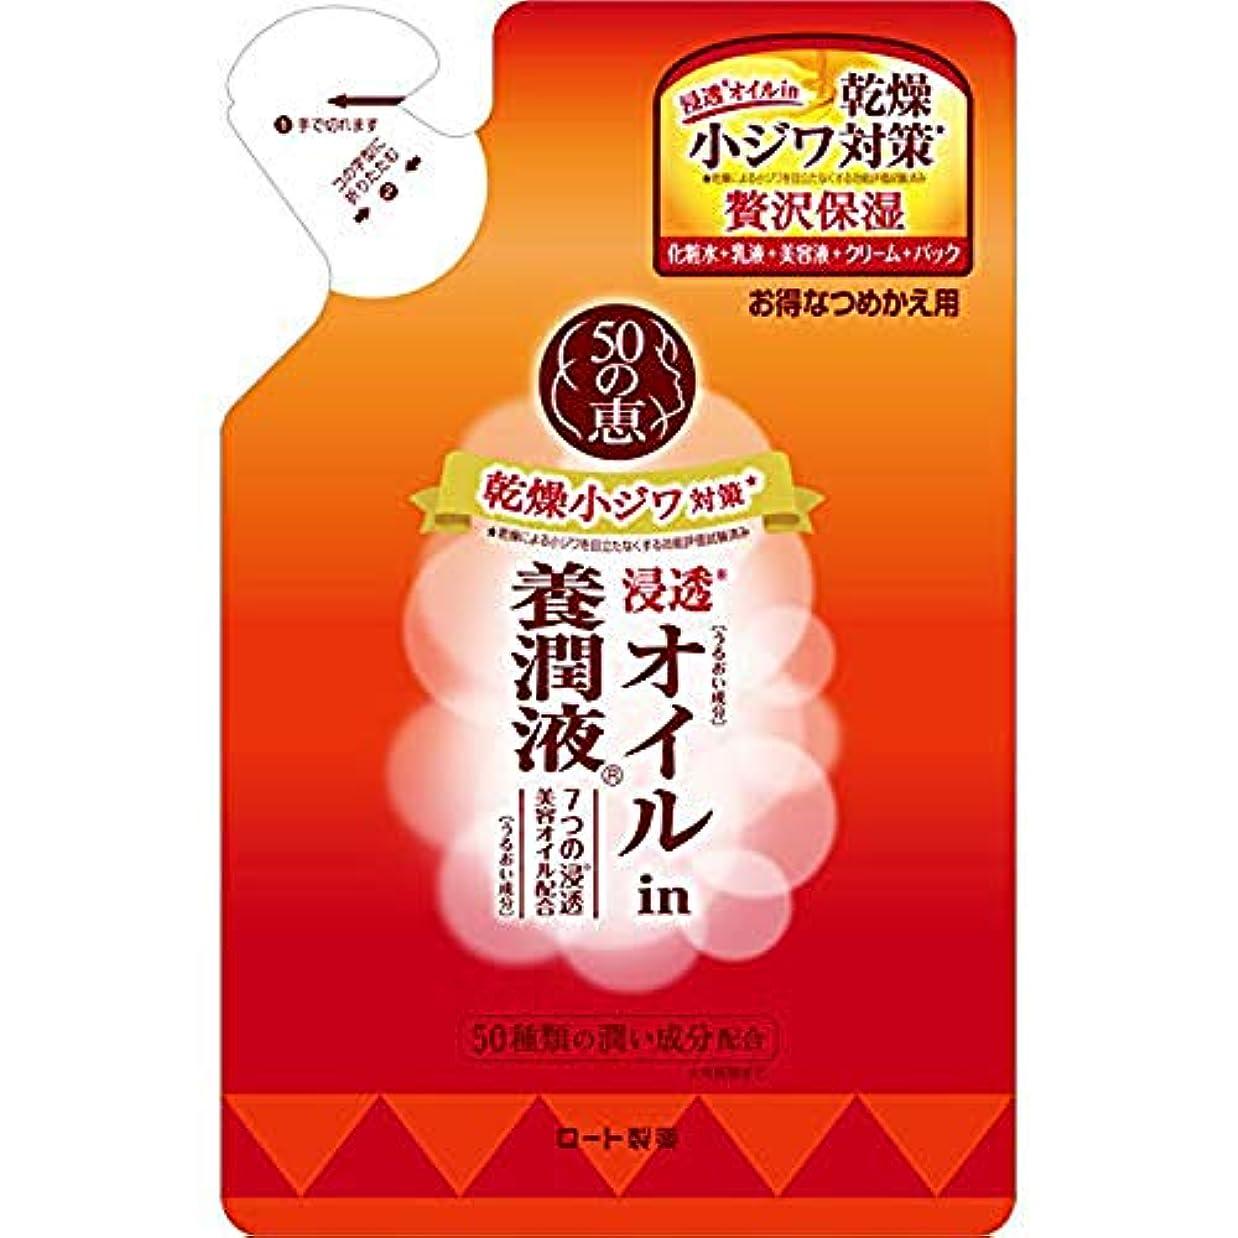 必需品解決メンバーロート製薬 50の恵 オイルin養潤液 つめかえ用 美容液 オリーブシトラス 200mL